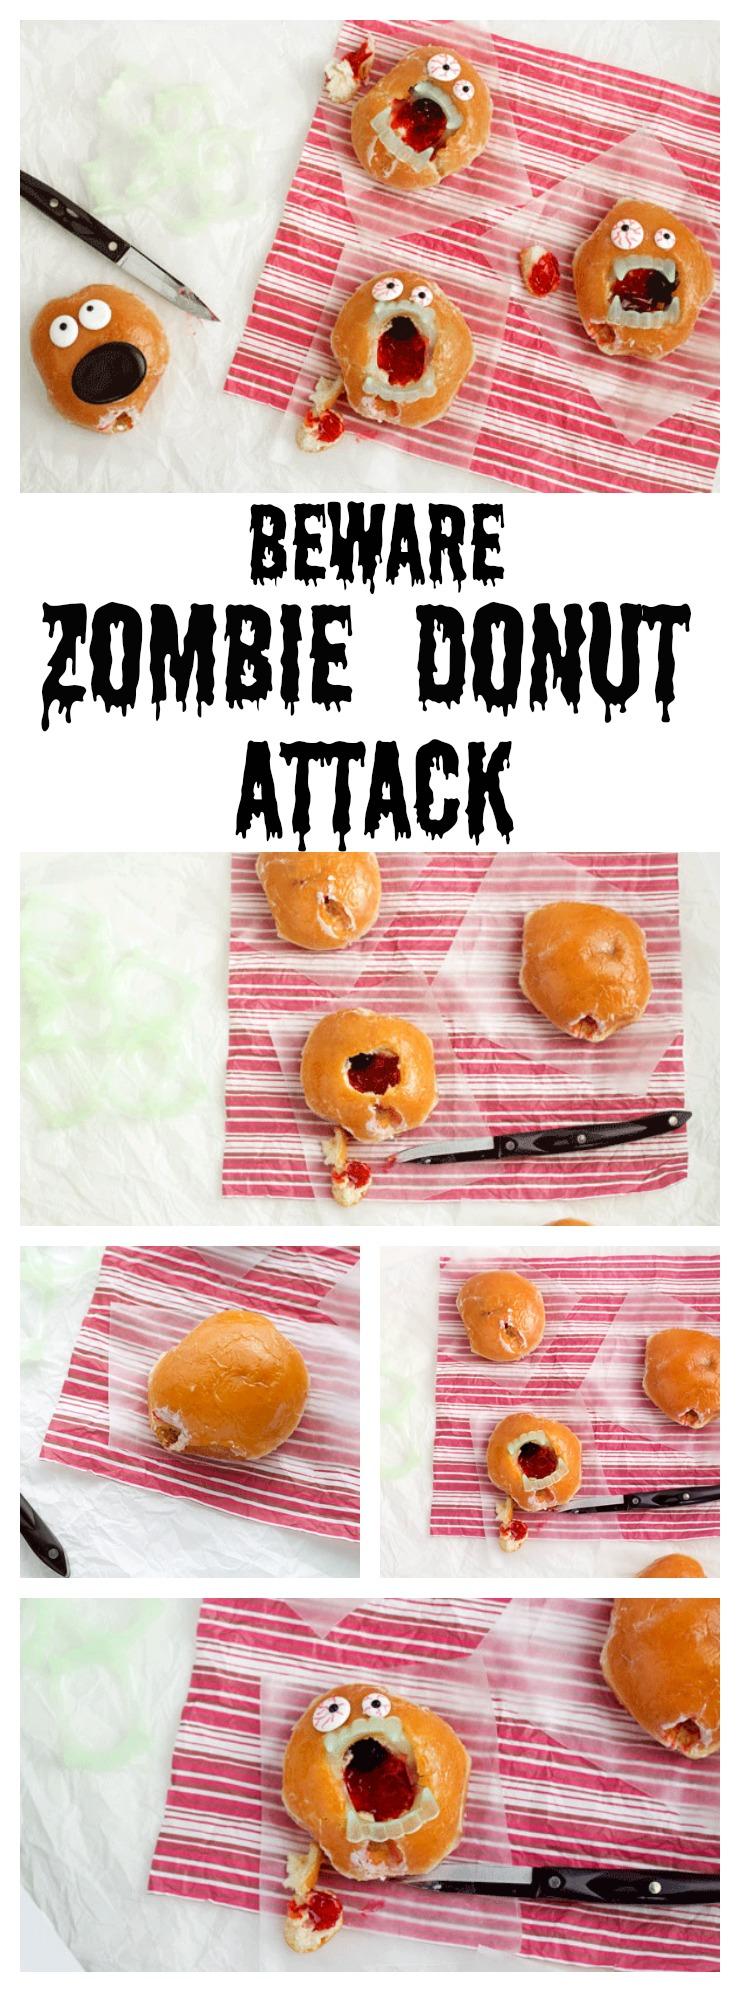 http://thebearfootbaker.com/wp-content/uploads/2014/02/Zombie-Donuts-Beware-via-www.thebearfootbaker.com_.jpg